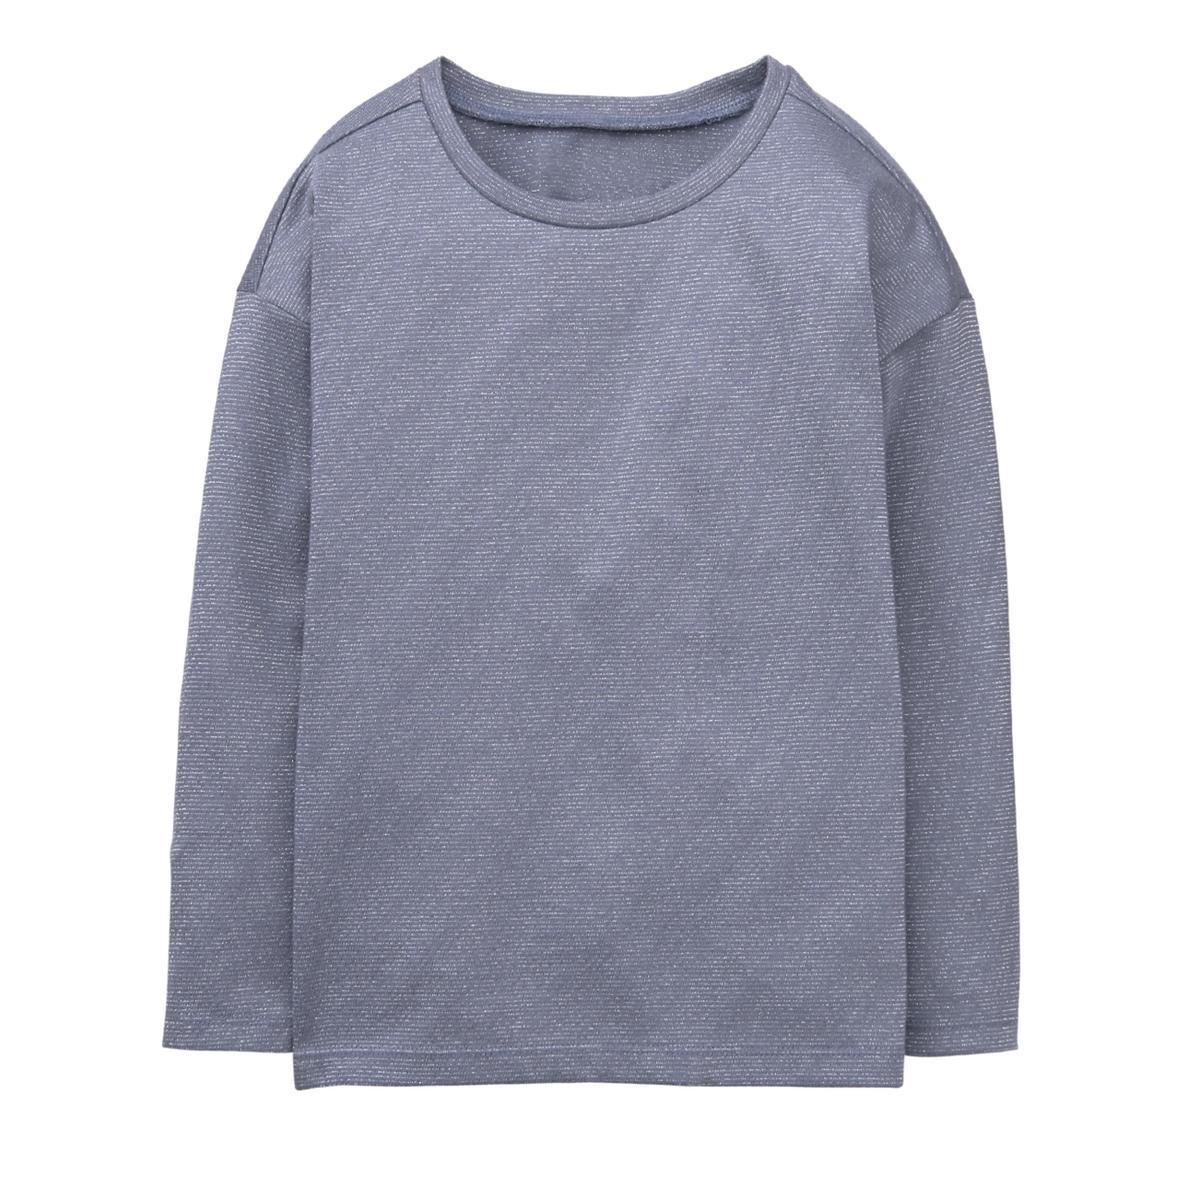 Реглан детский Gymboree на рост 140-155 футболка для девочек